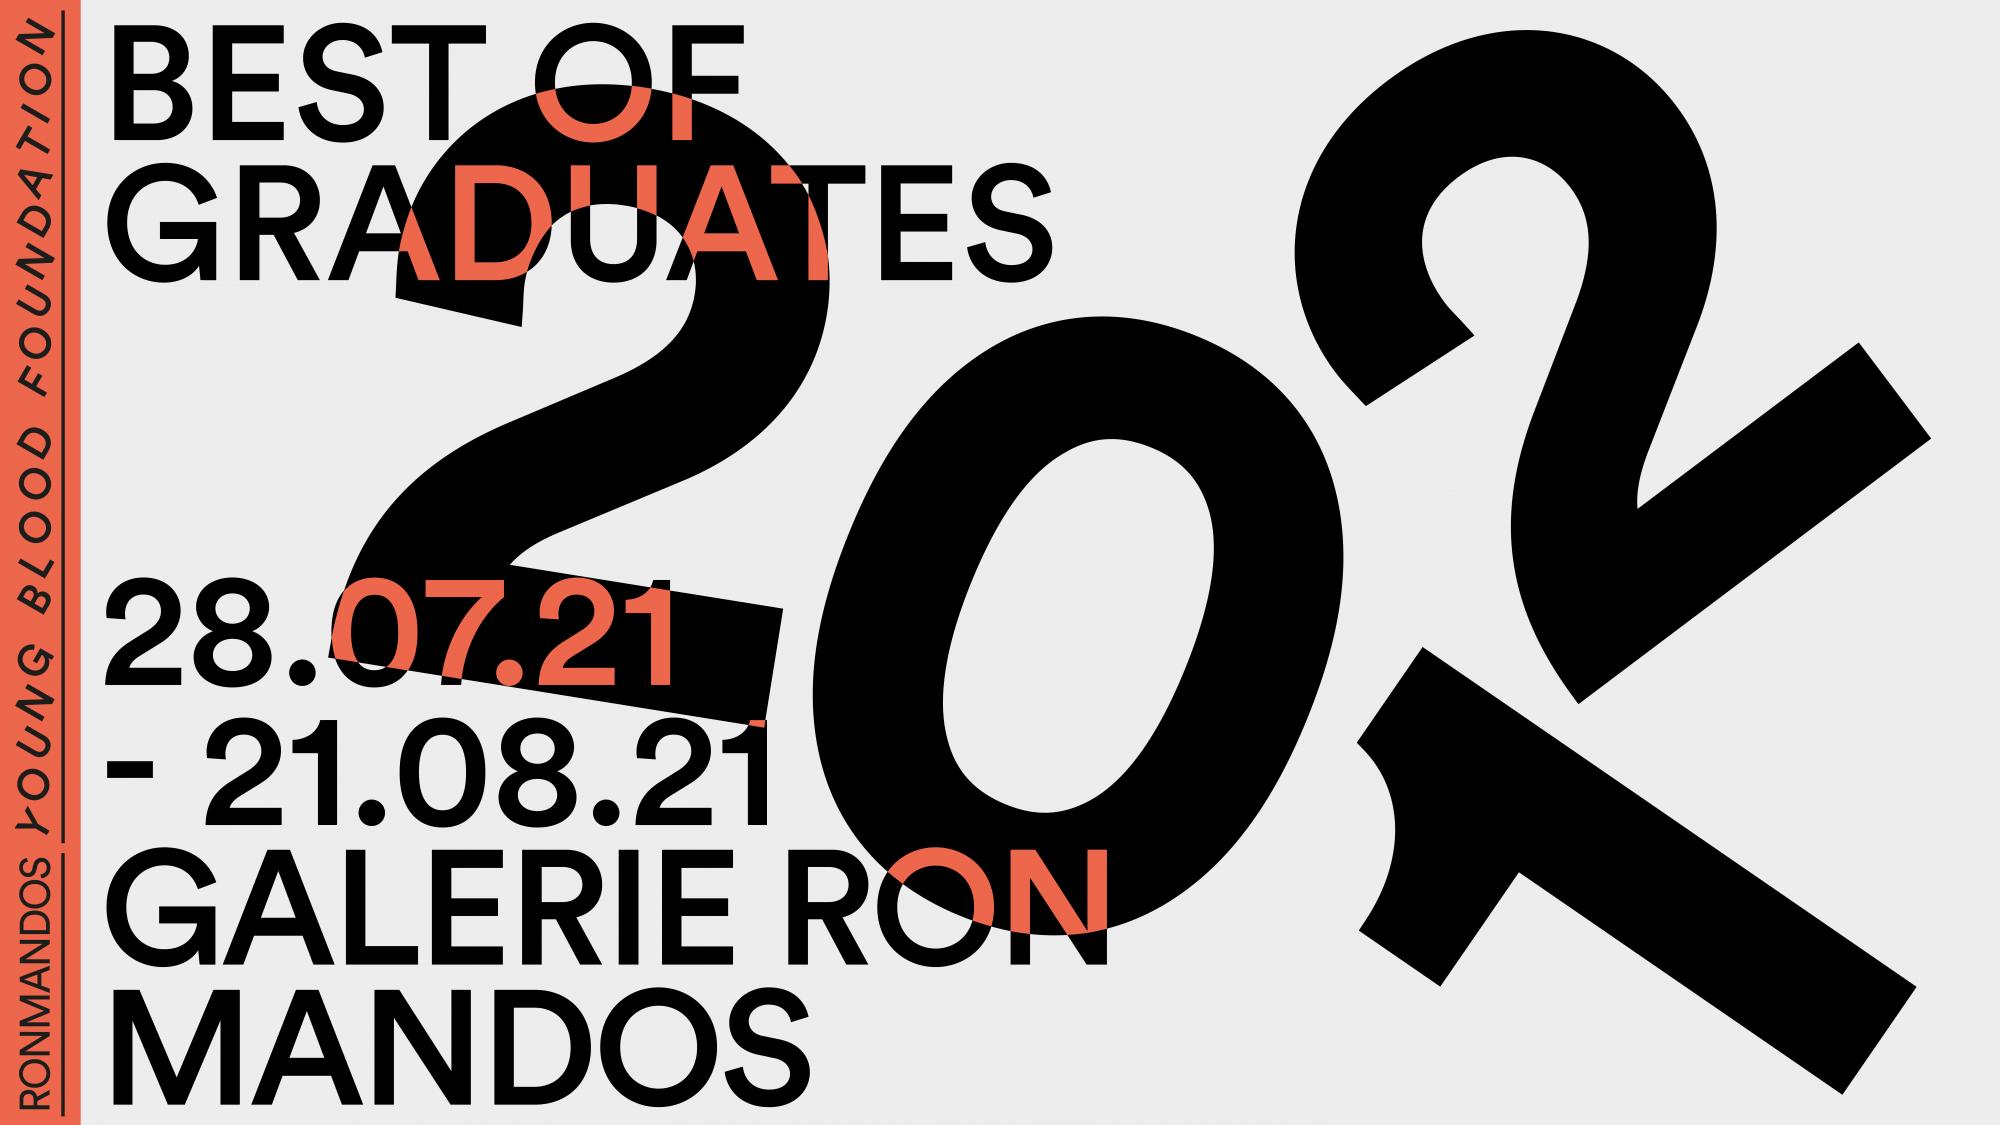 Best of Graduates 2021